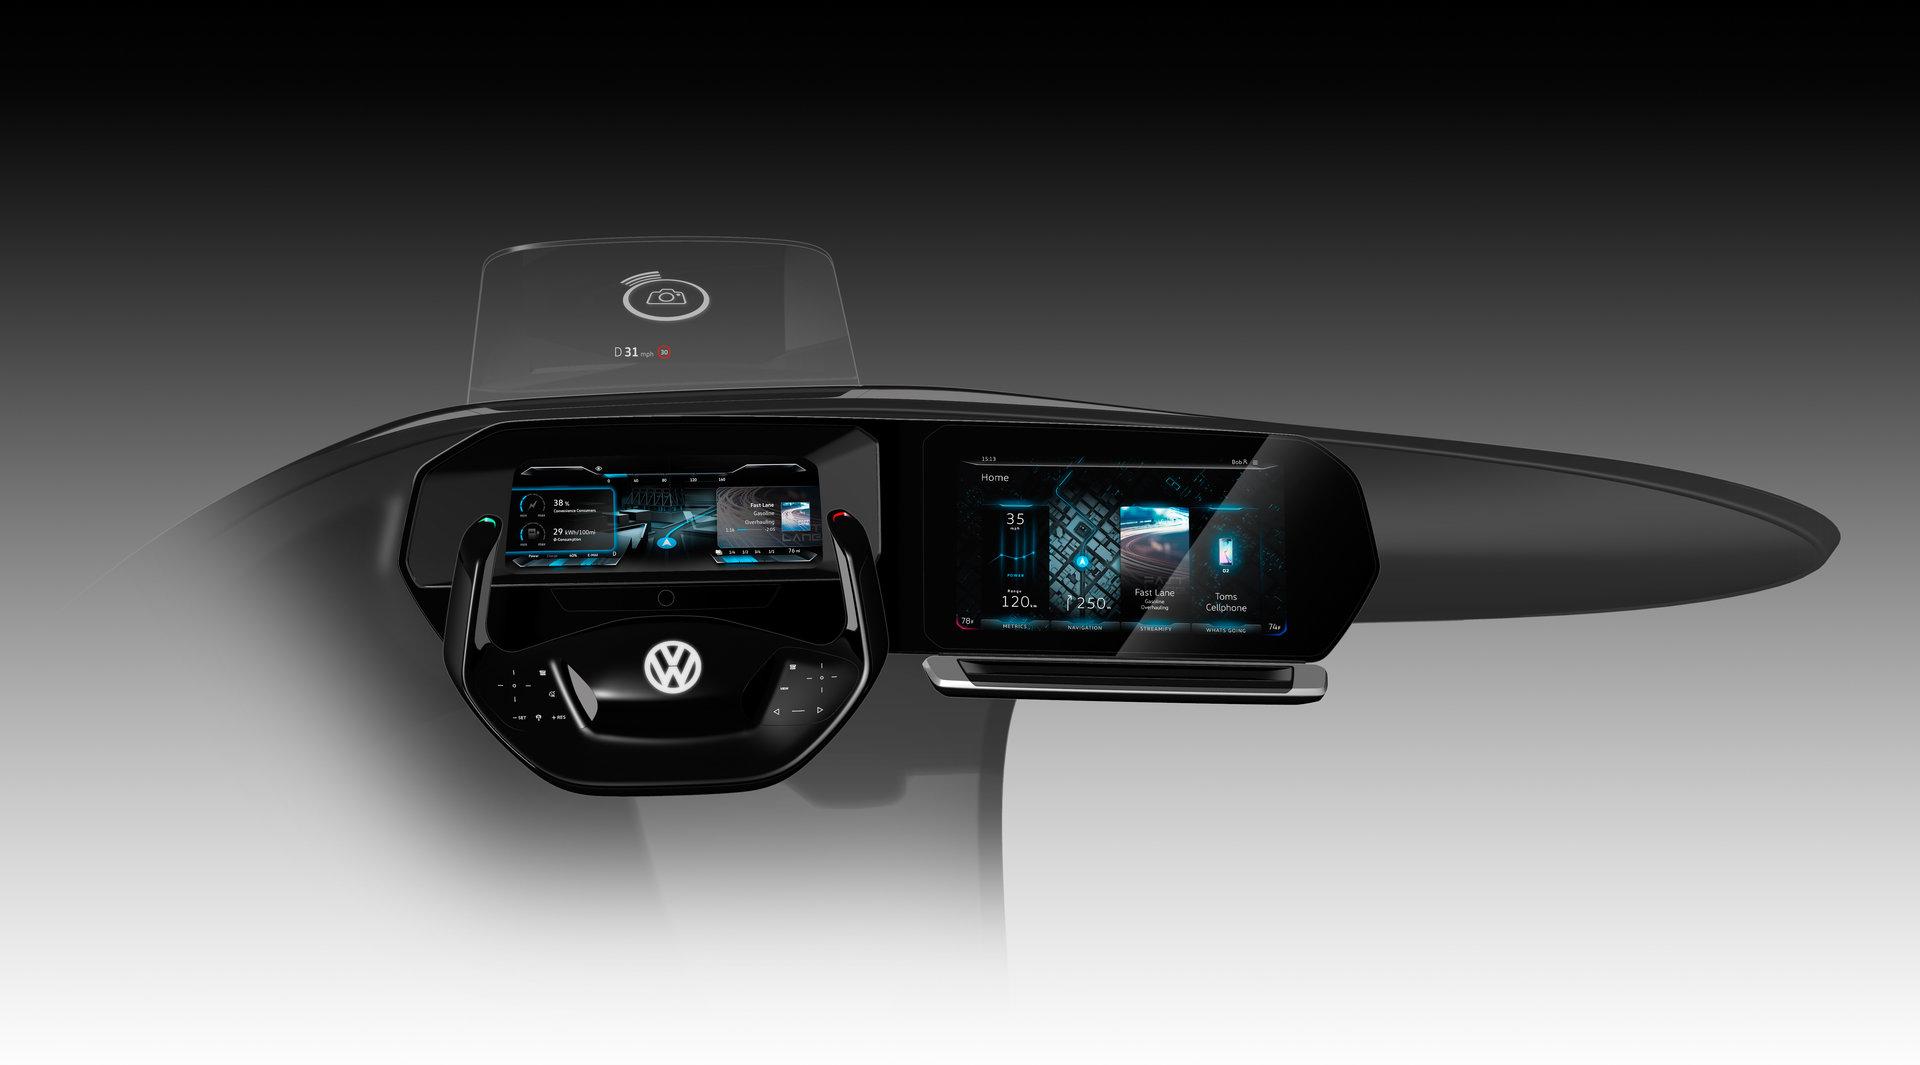 So könnte das Pkw-Cockpit der Zukunft bei VW aussehen